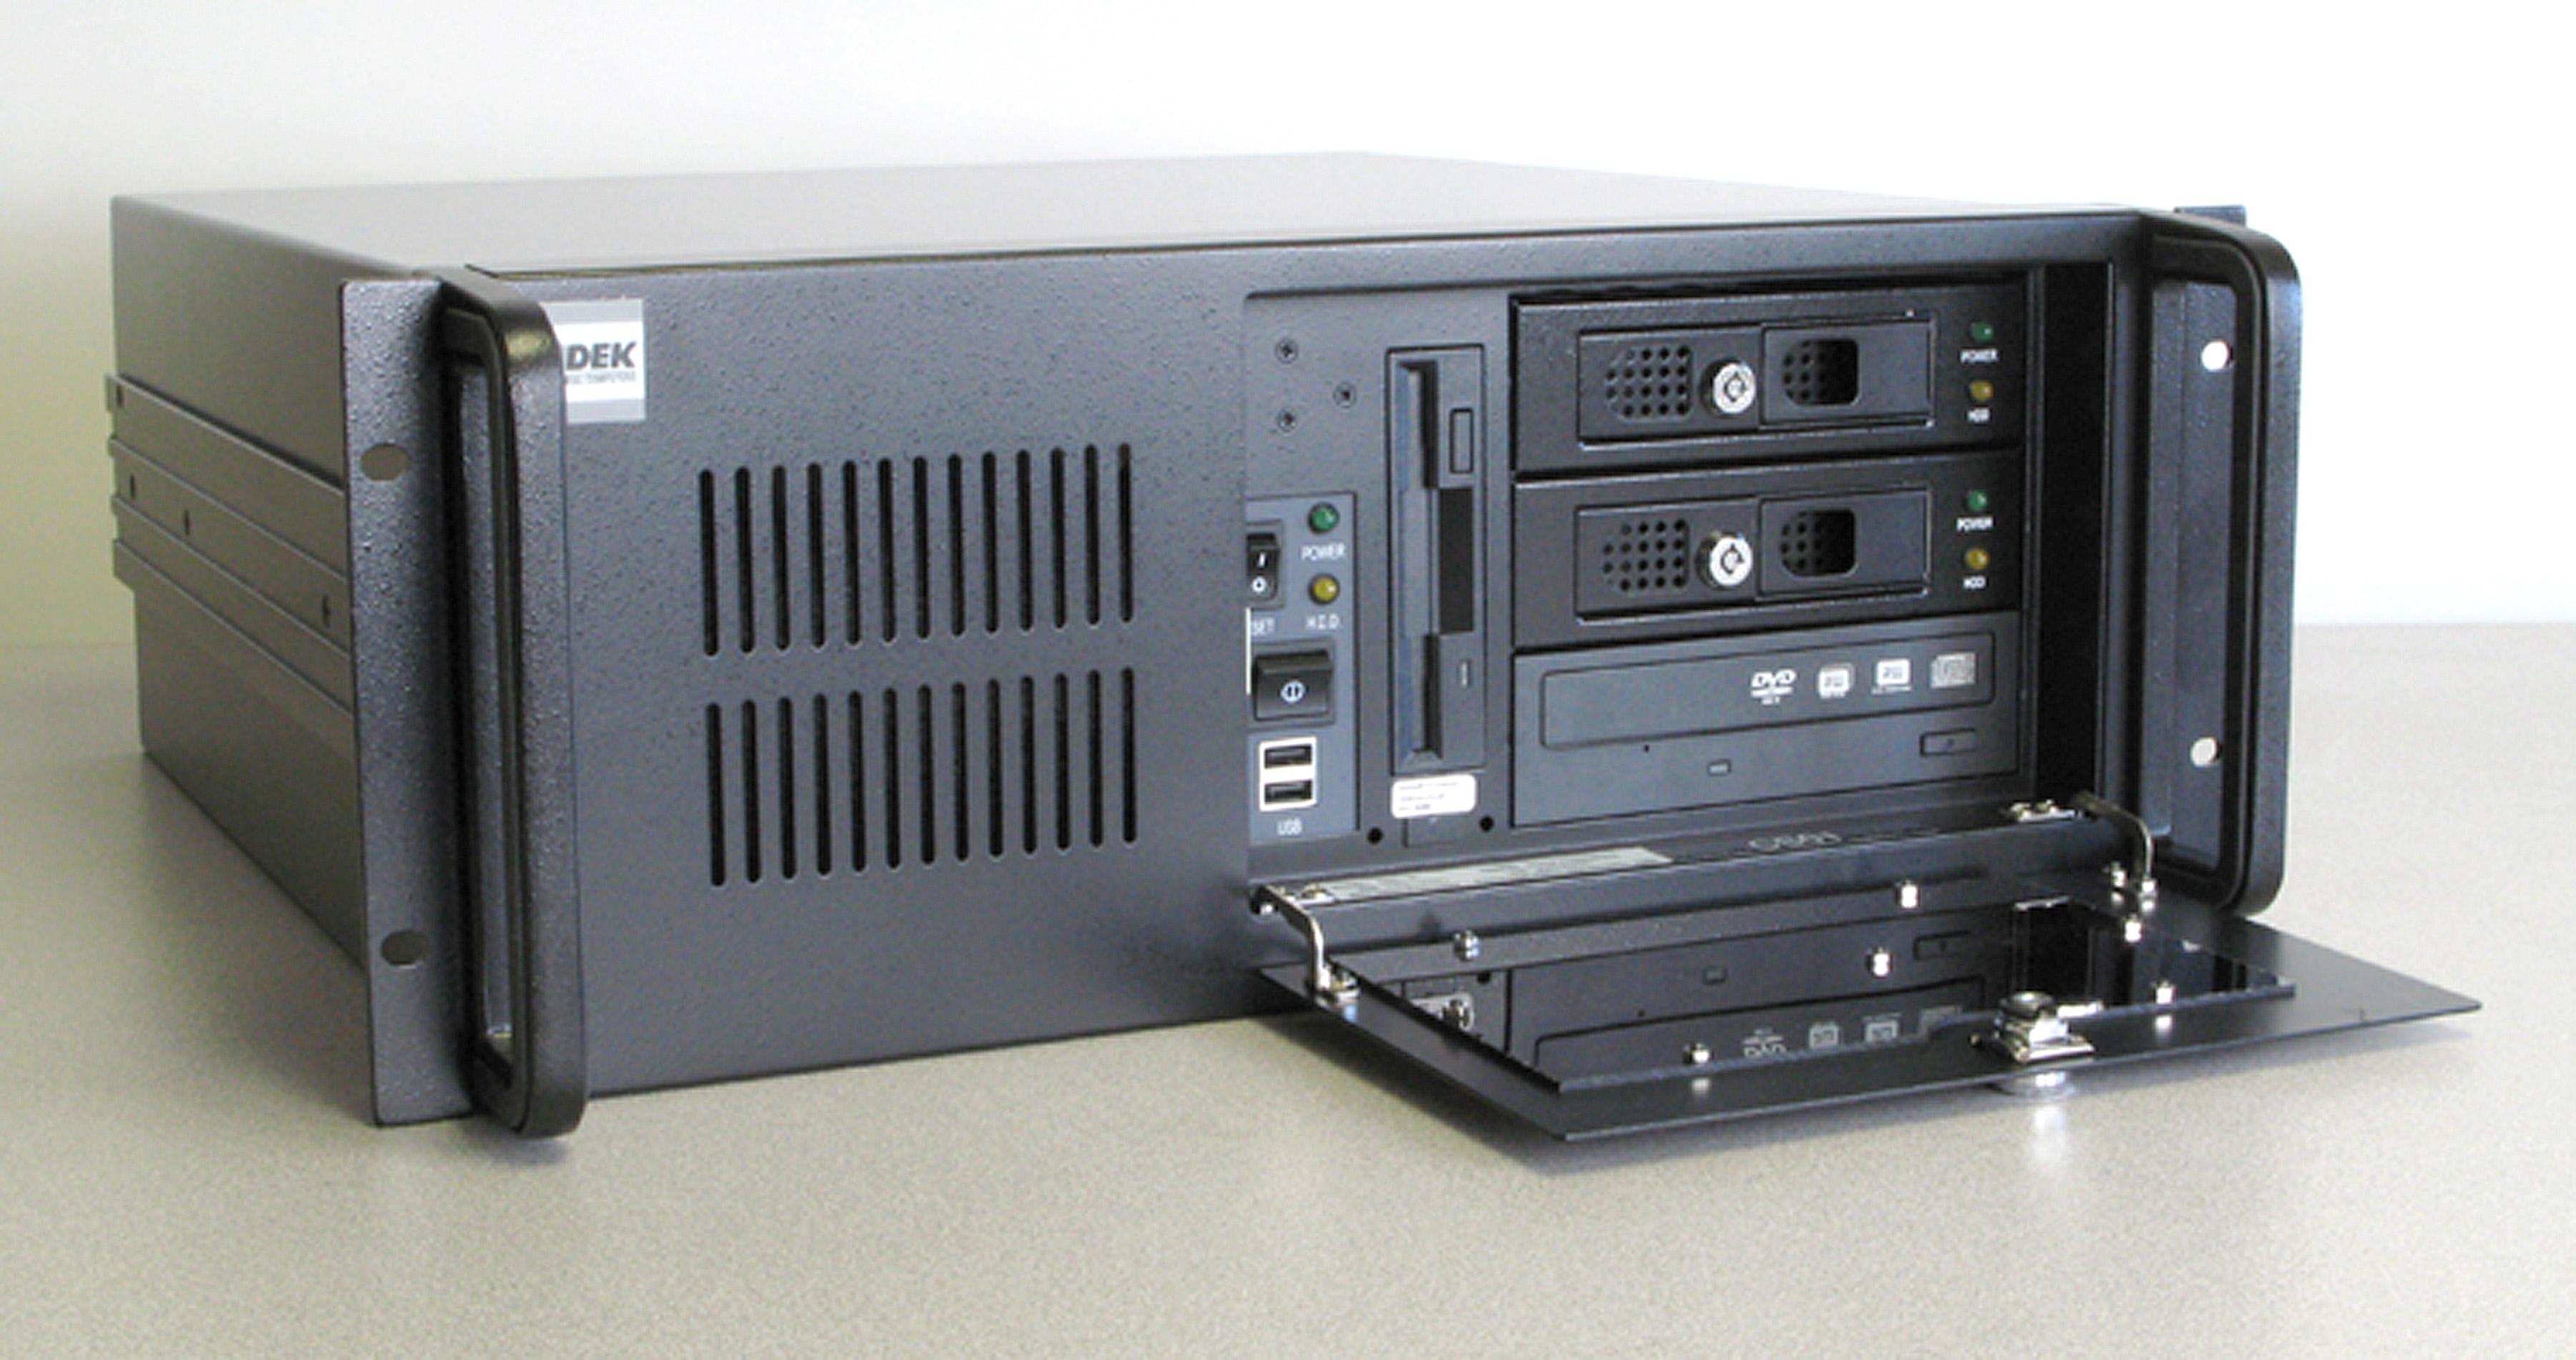 AD-586 4U Industrial Rack Mount Computer Front